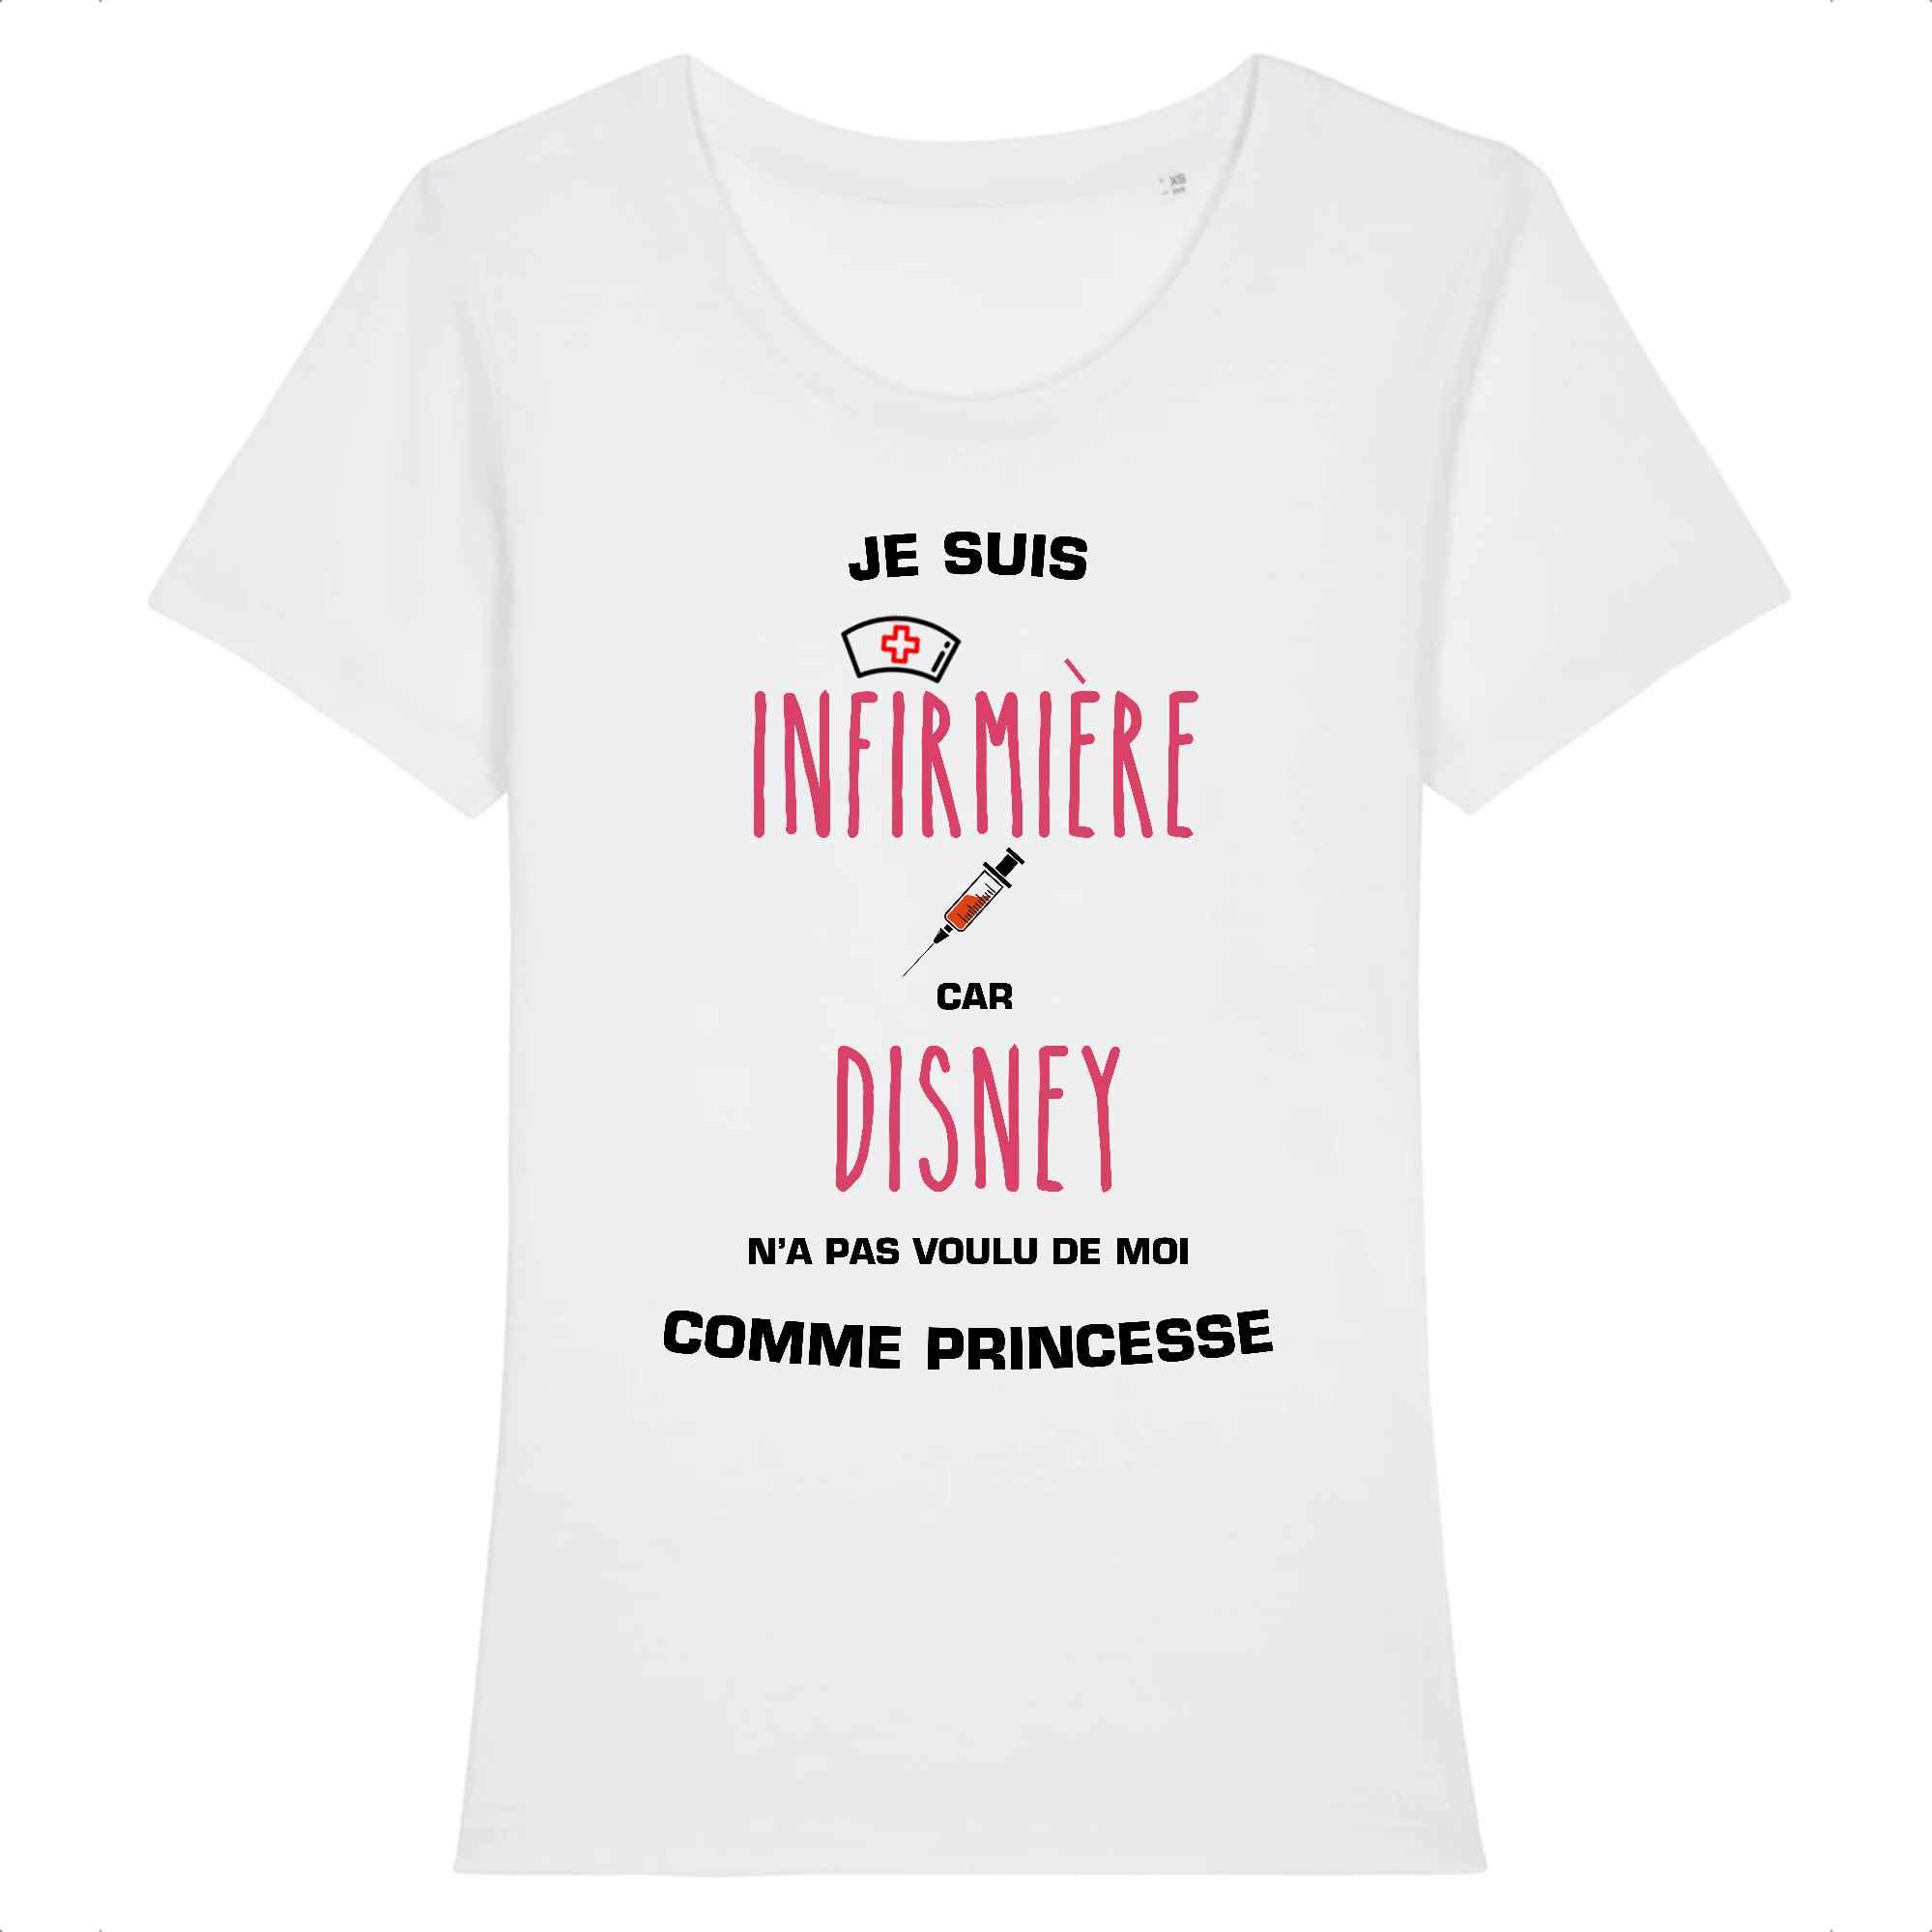 T-shirt infirmière – Je suis infirmière car Disney n'a pas voulu de moi comme princesse_blanc